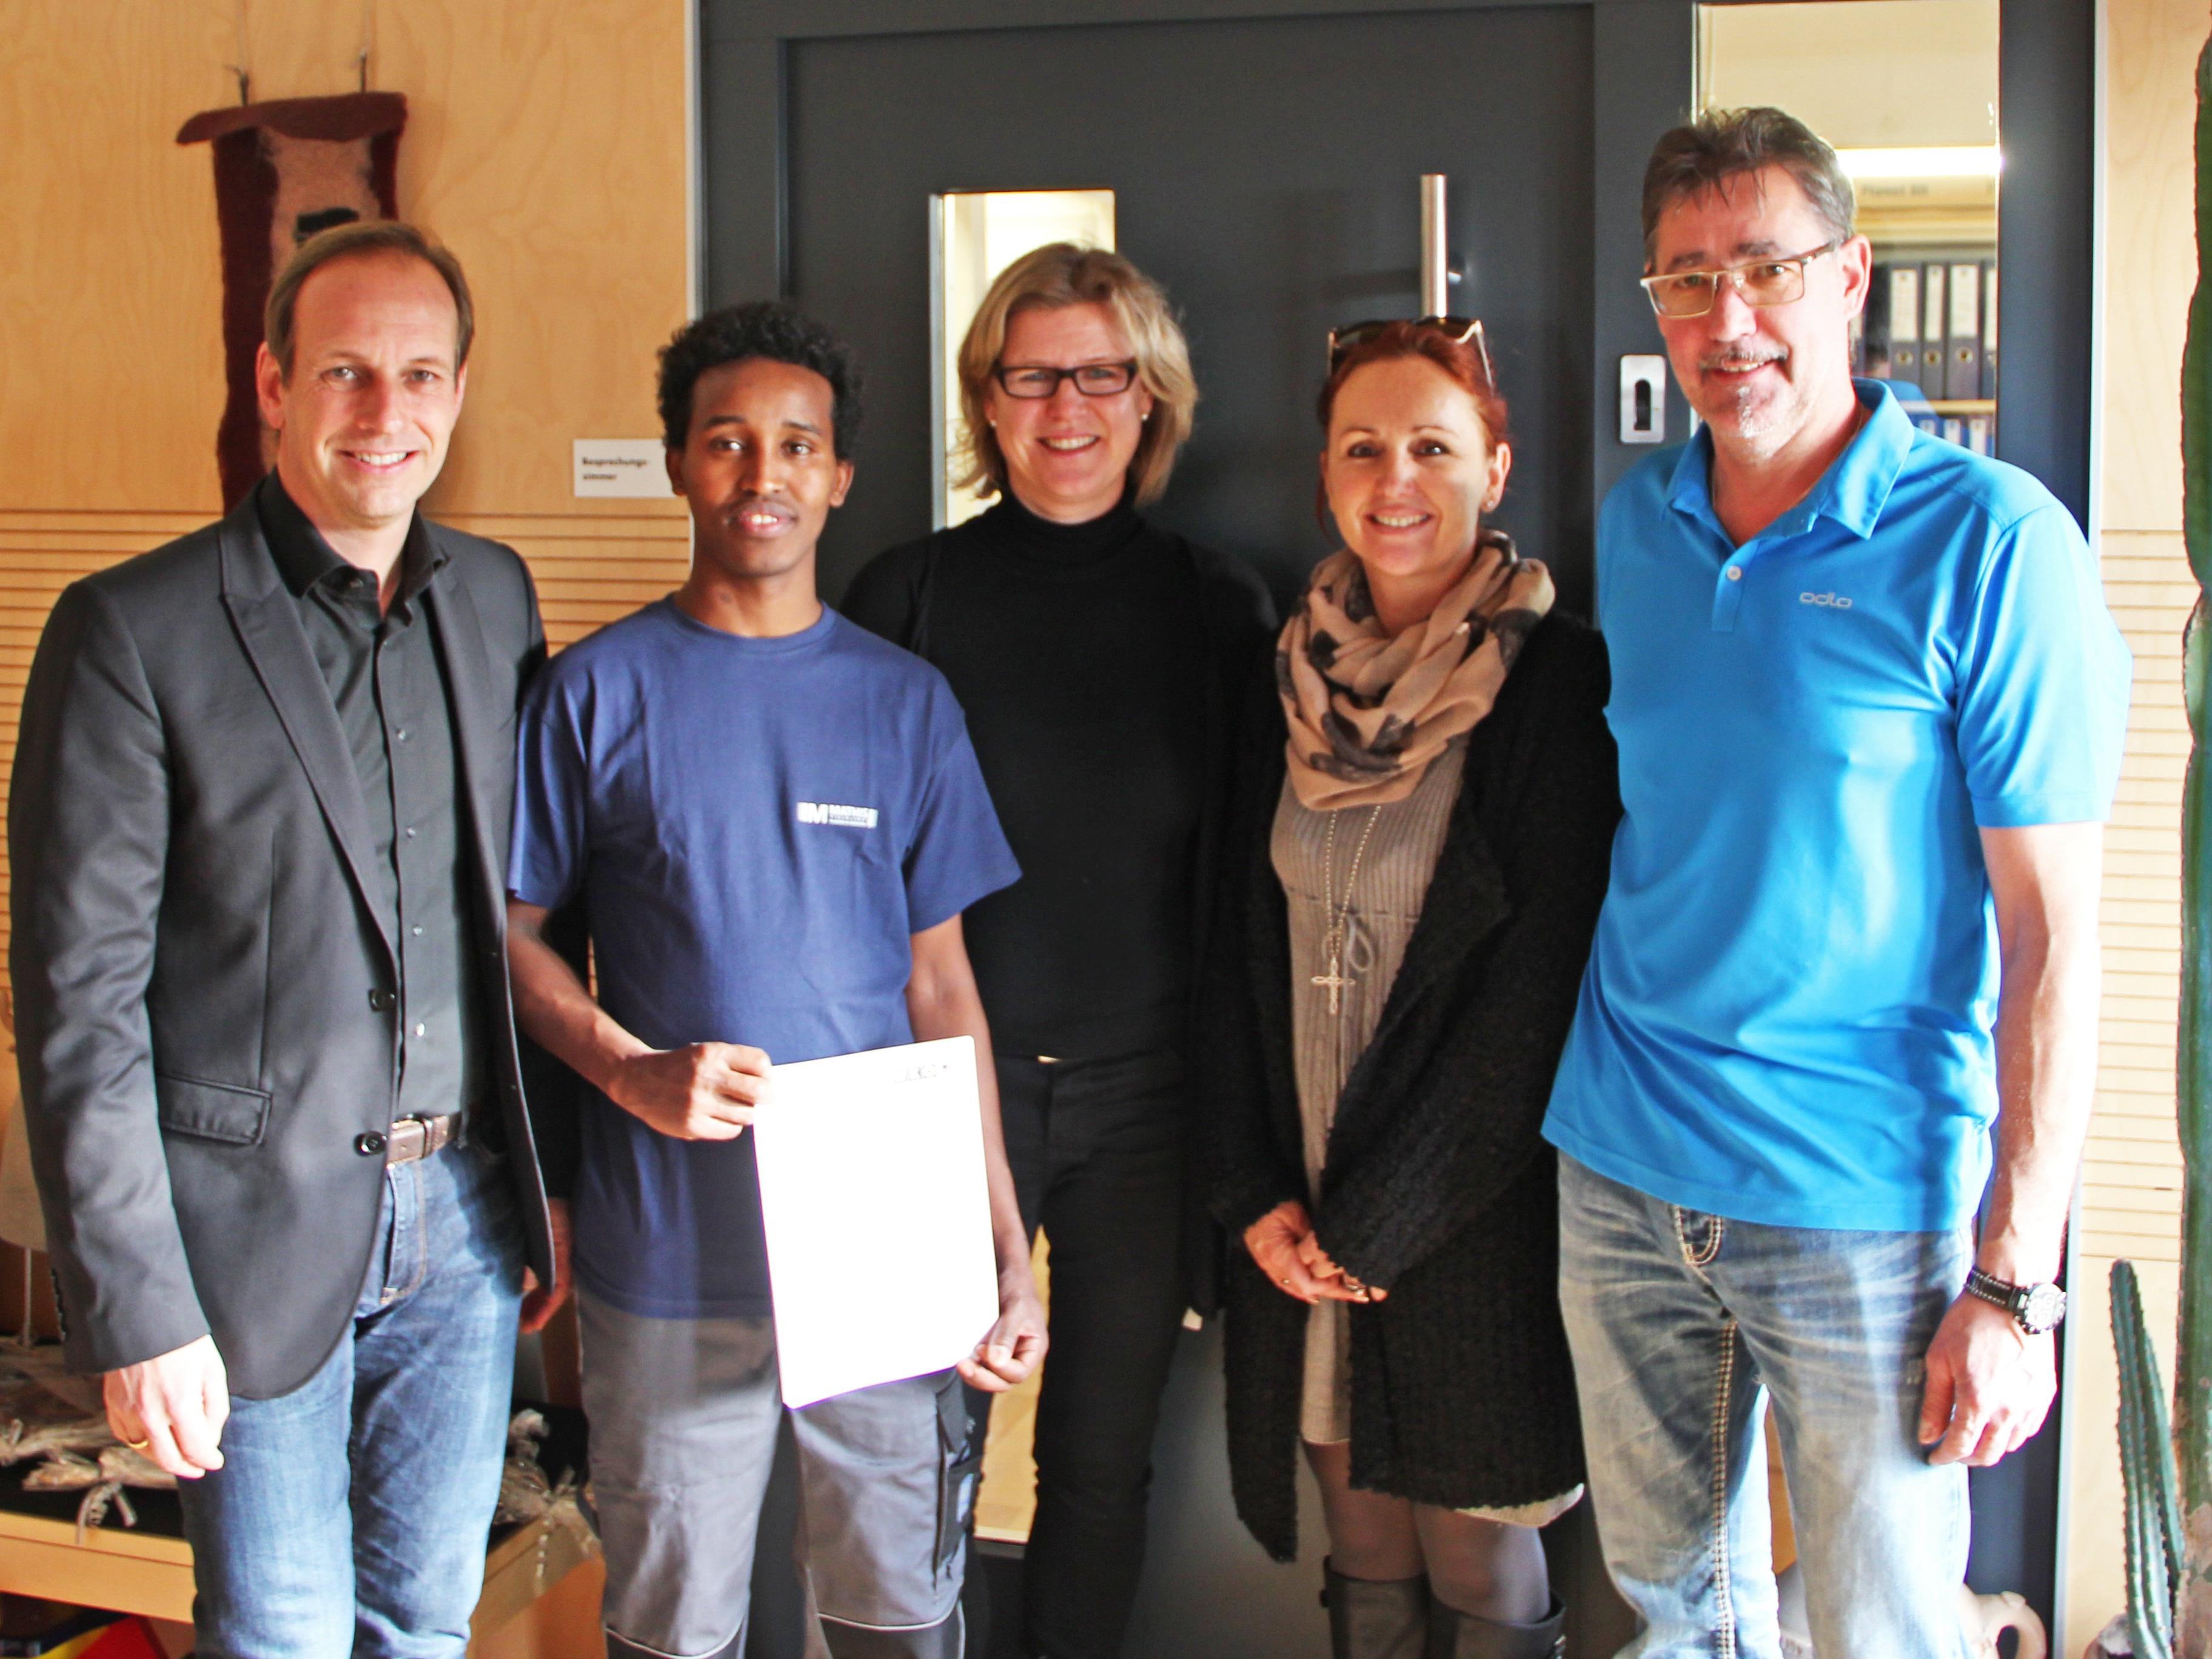 v. l. Bürgermeister Dieter Egger, Yousuf Muse, Bettina Strobl, Irene und Eugen Mathis